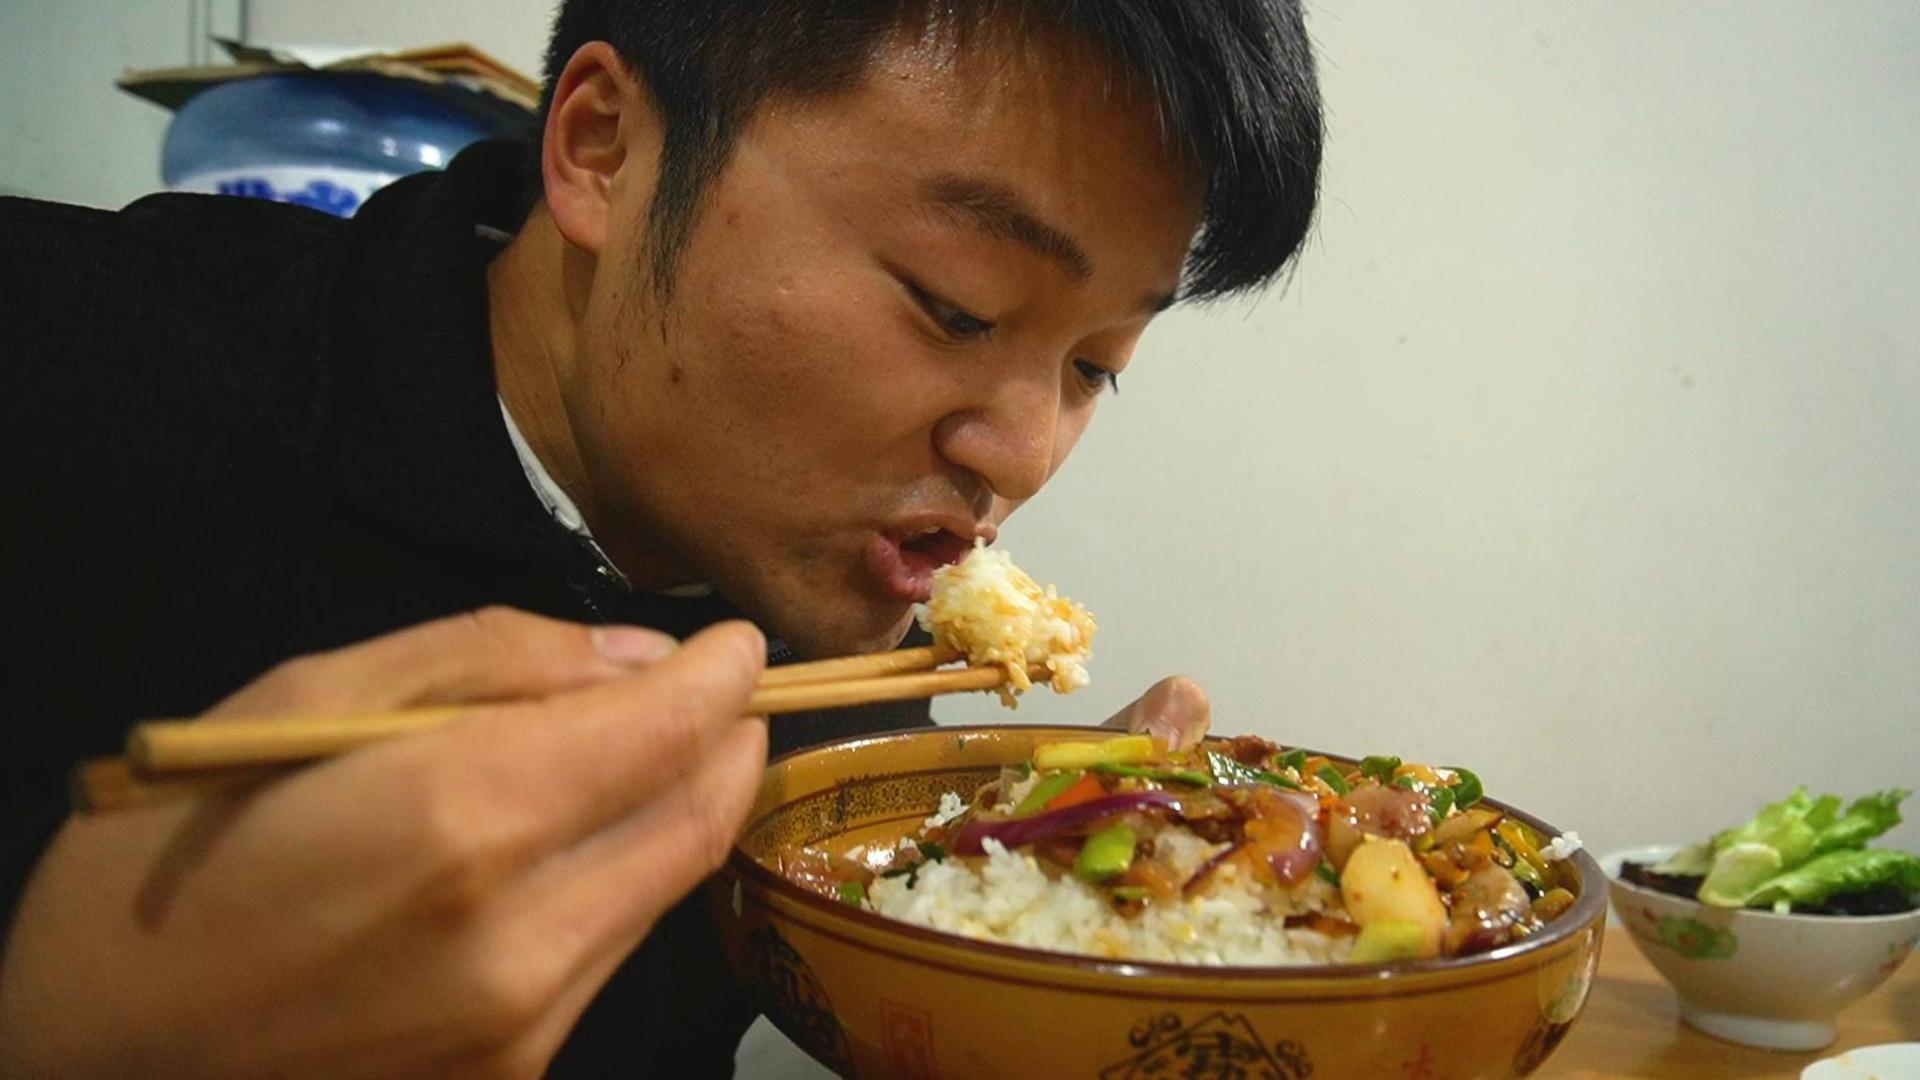 一斤辣椒炒一斤牛头肉,馒头米饭面条全配齐了,全是碳水,真过瘾